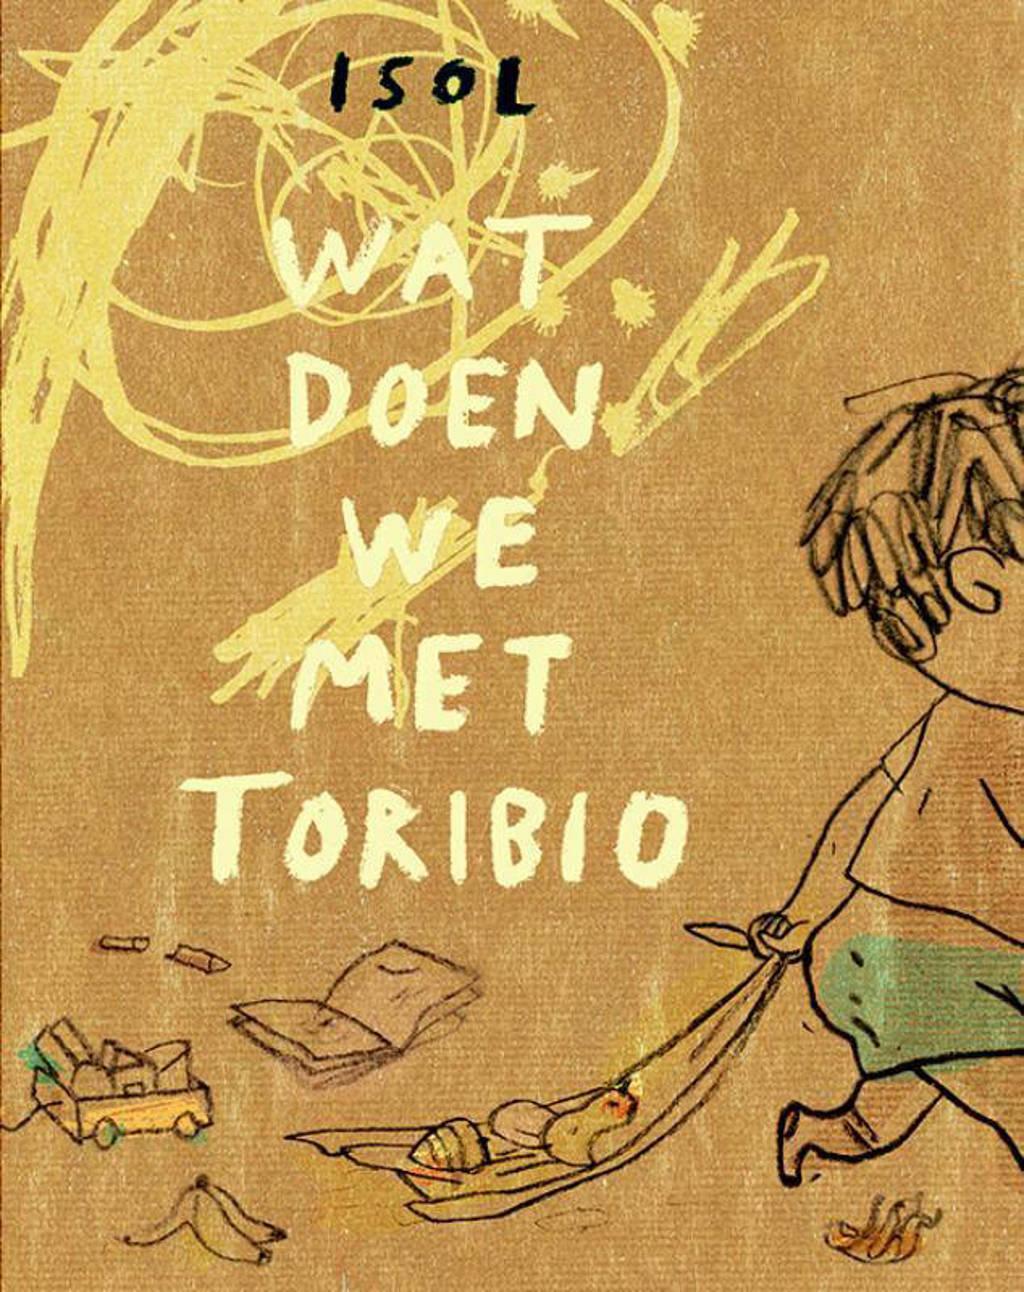 Wat doen we met Toribio - Isol